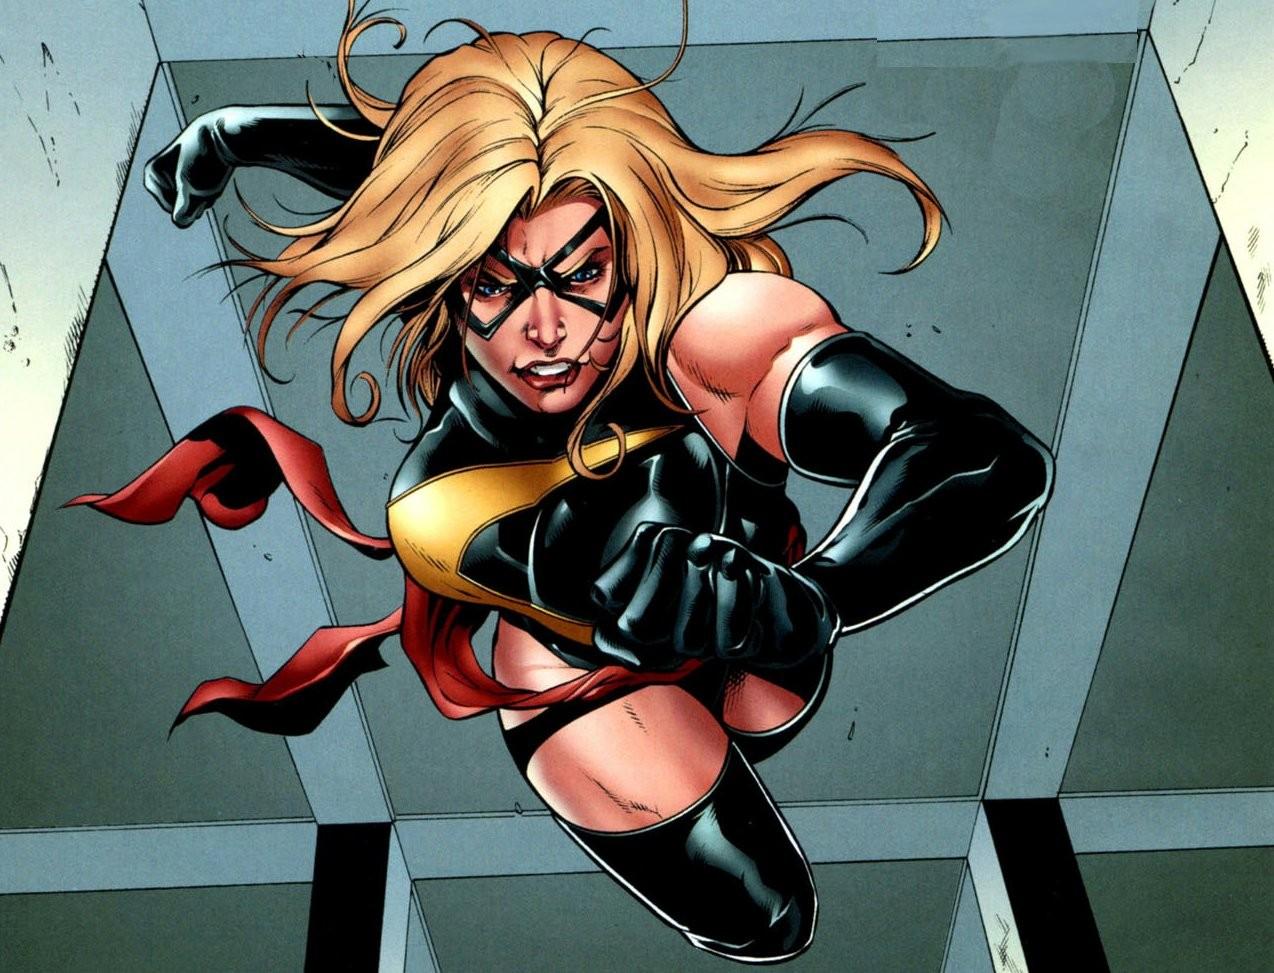 Capitã Marvel deve ser a primeira heroína da Marvel a ganhar um filme solo (Foto: Reprodução/Marvel)